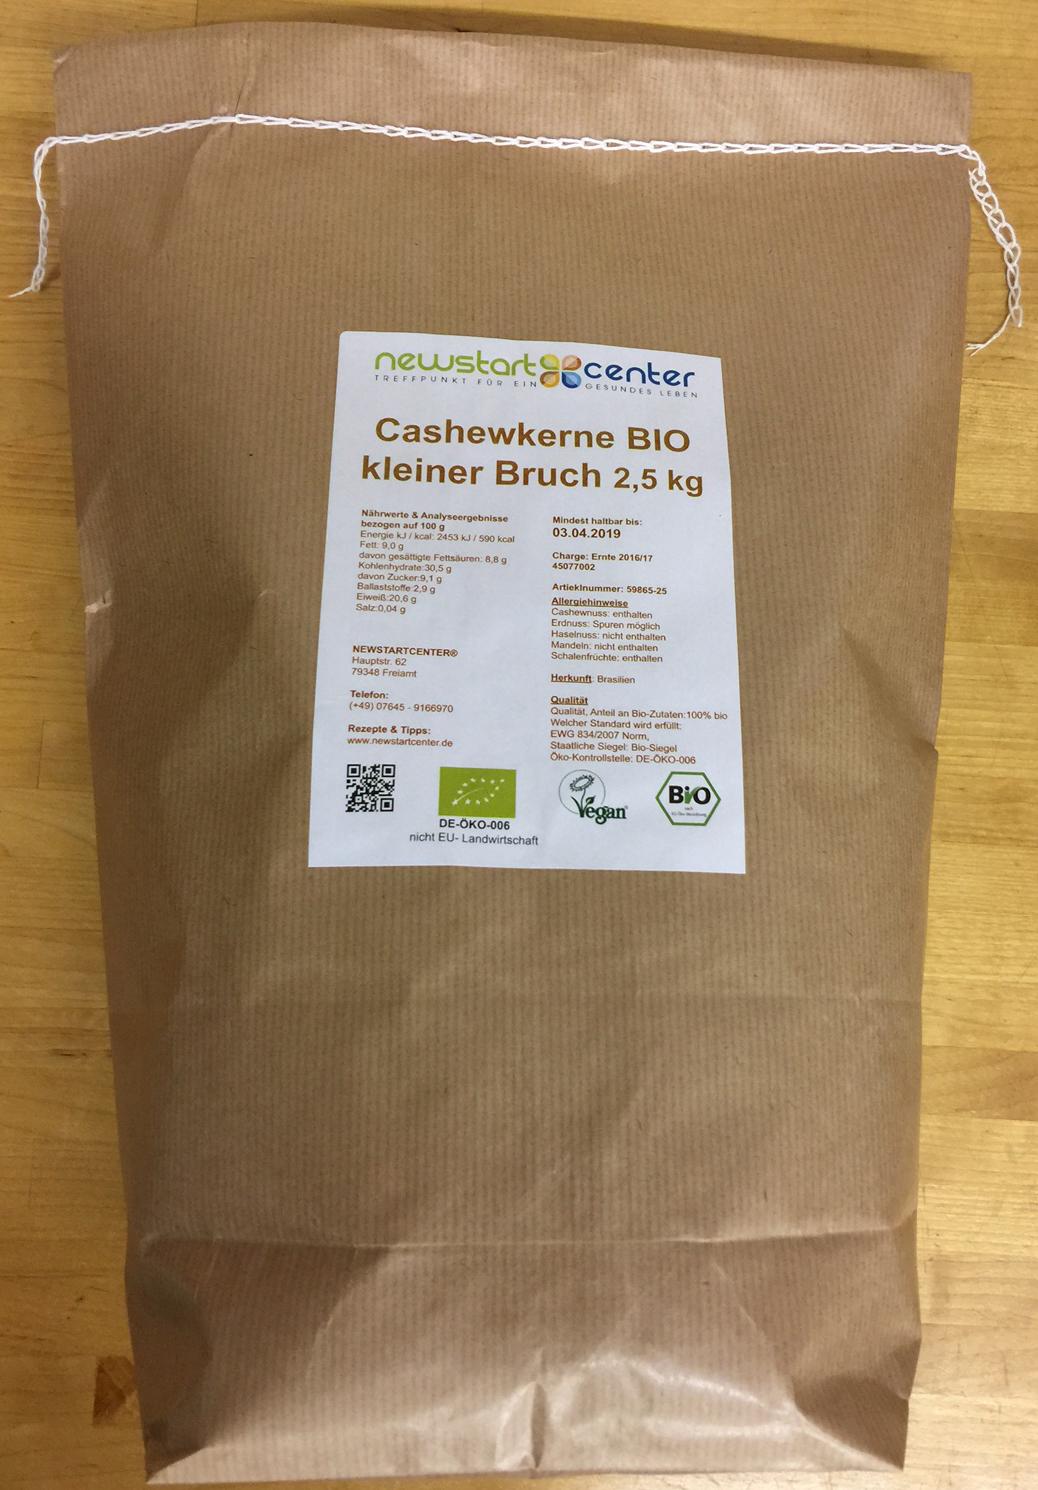 Cashew-Kerne, BIO kleiner Bruch 2,5 kg